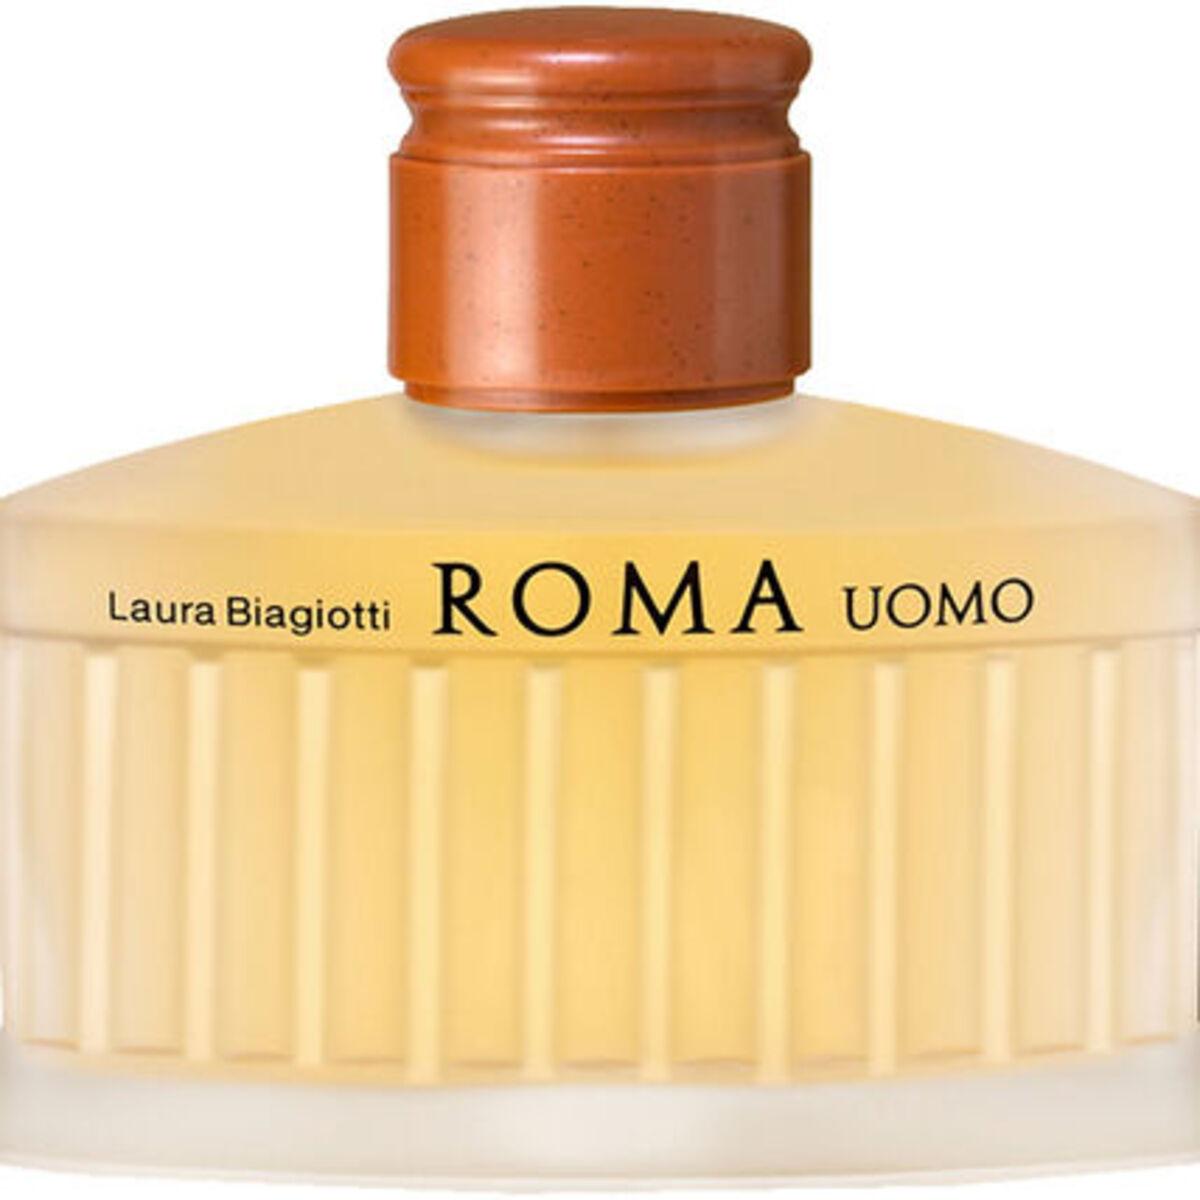 Bild 1 von Laura Biagiotti Roma Uomo, Eau de Toilette, 125 ml